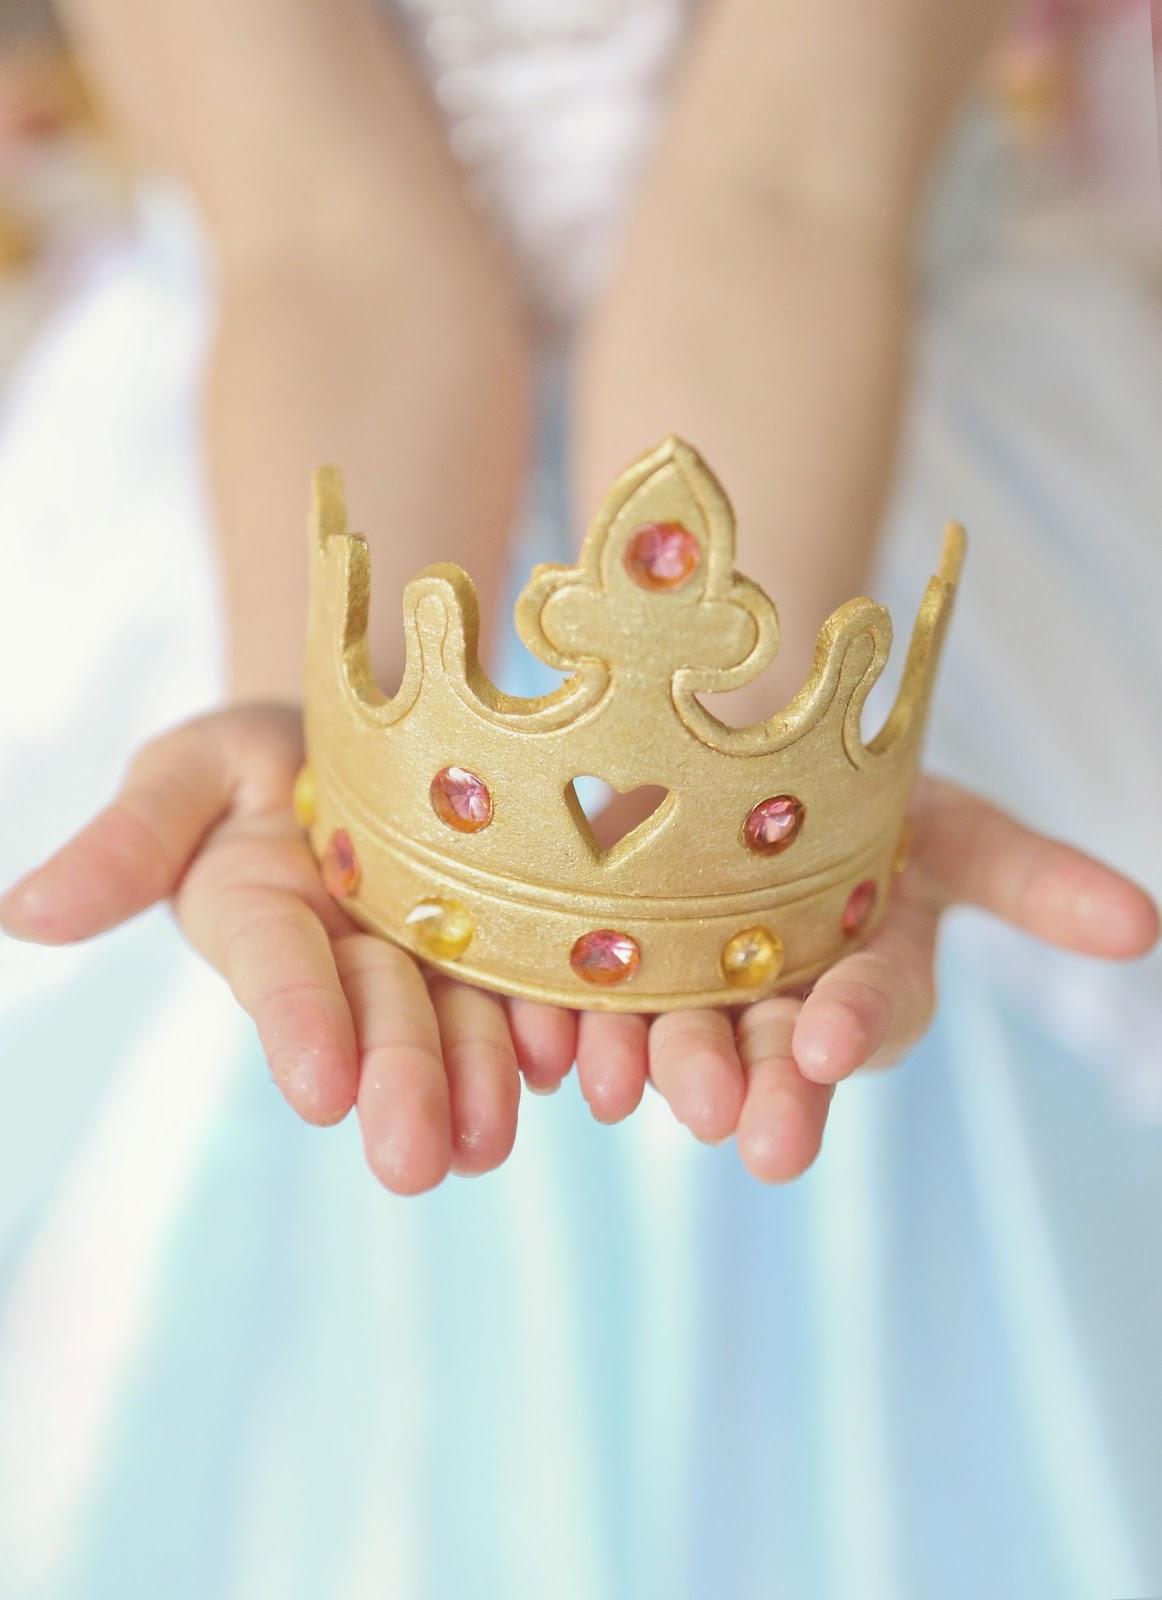 Свадьбе лет, моя принцесса картинки